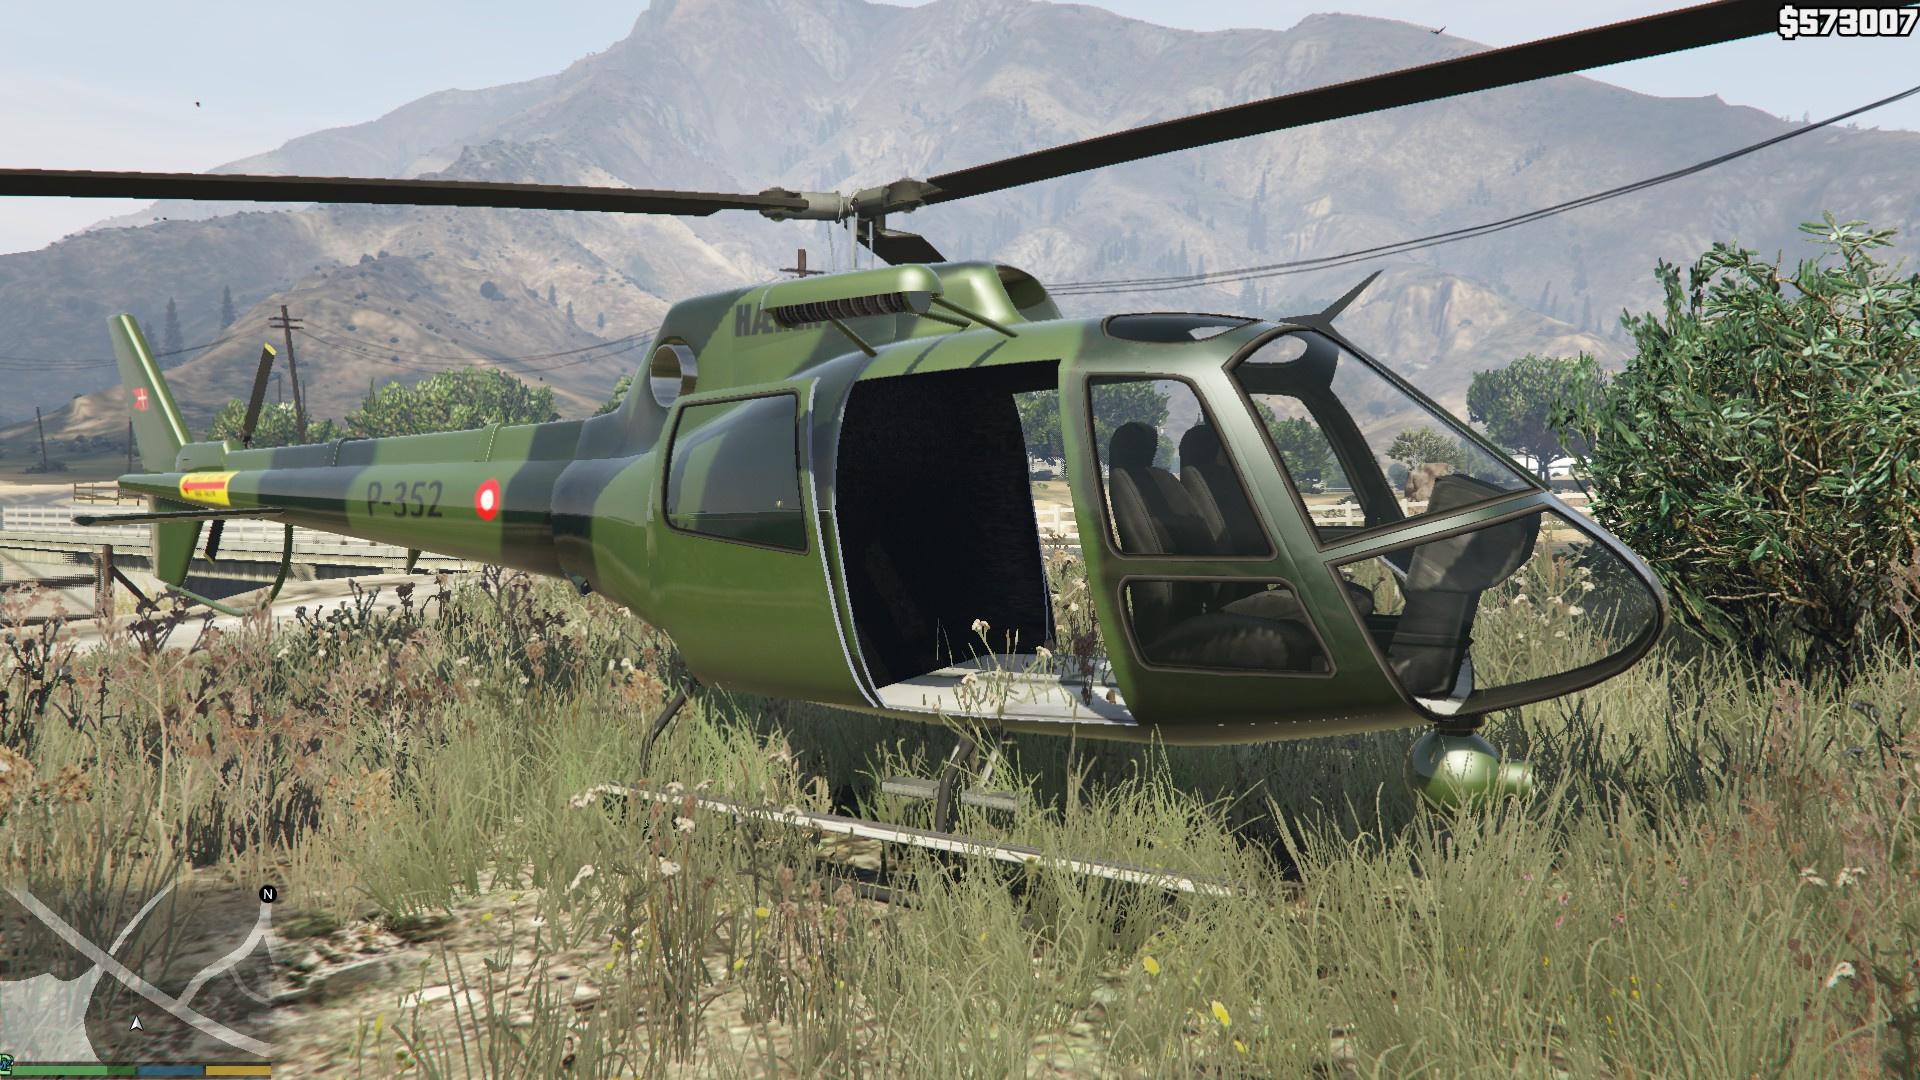 Danish Army Fennec Gta5 Mods Com